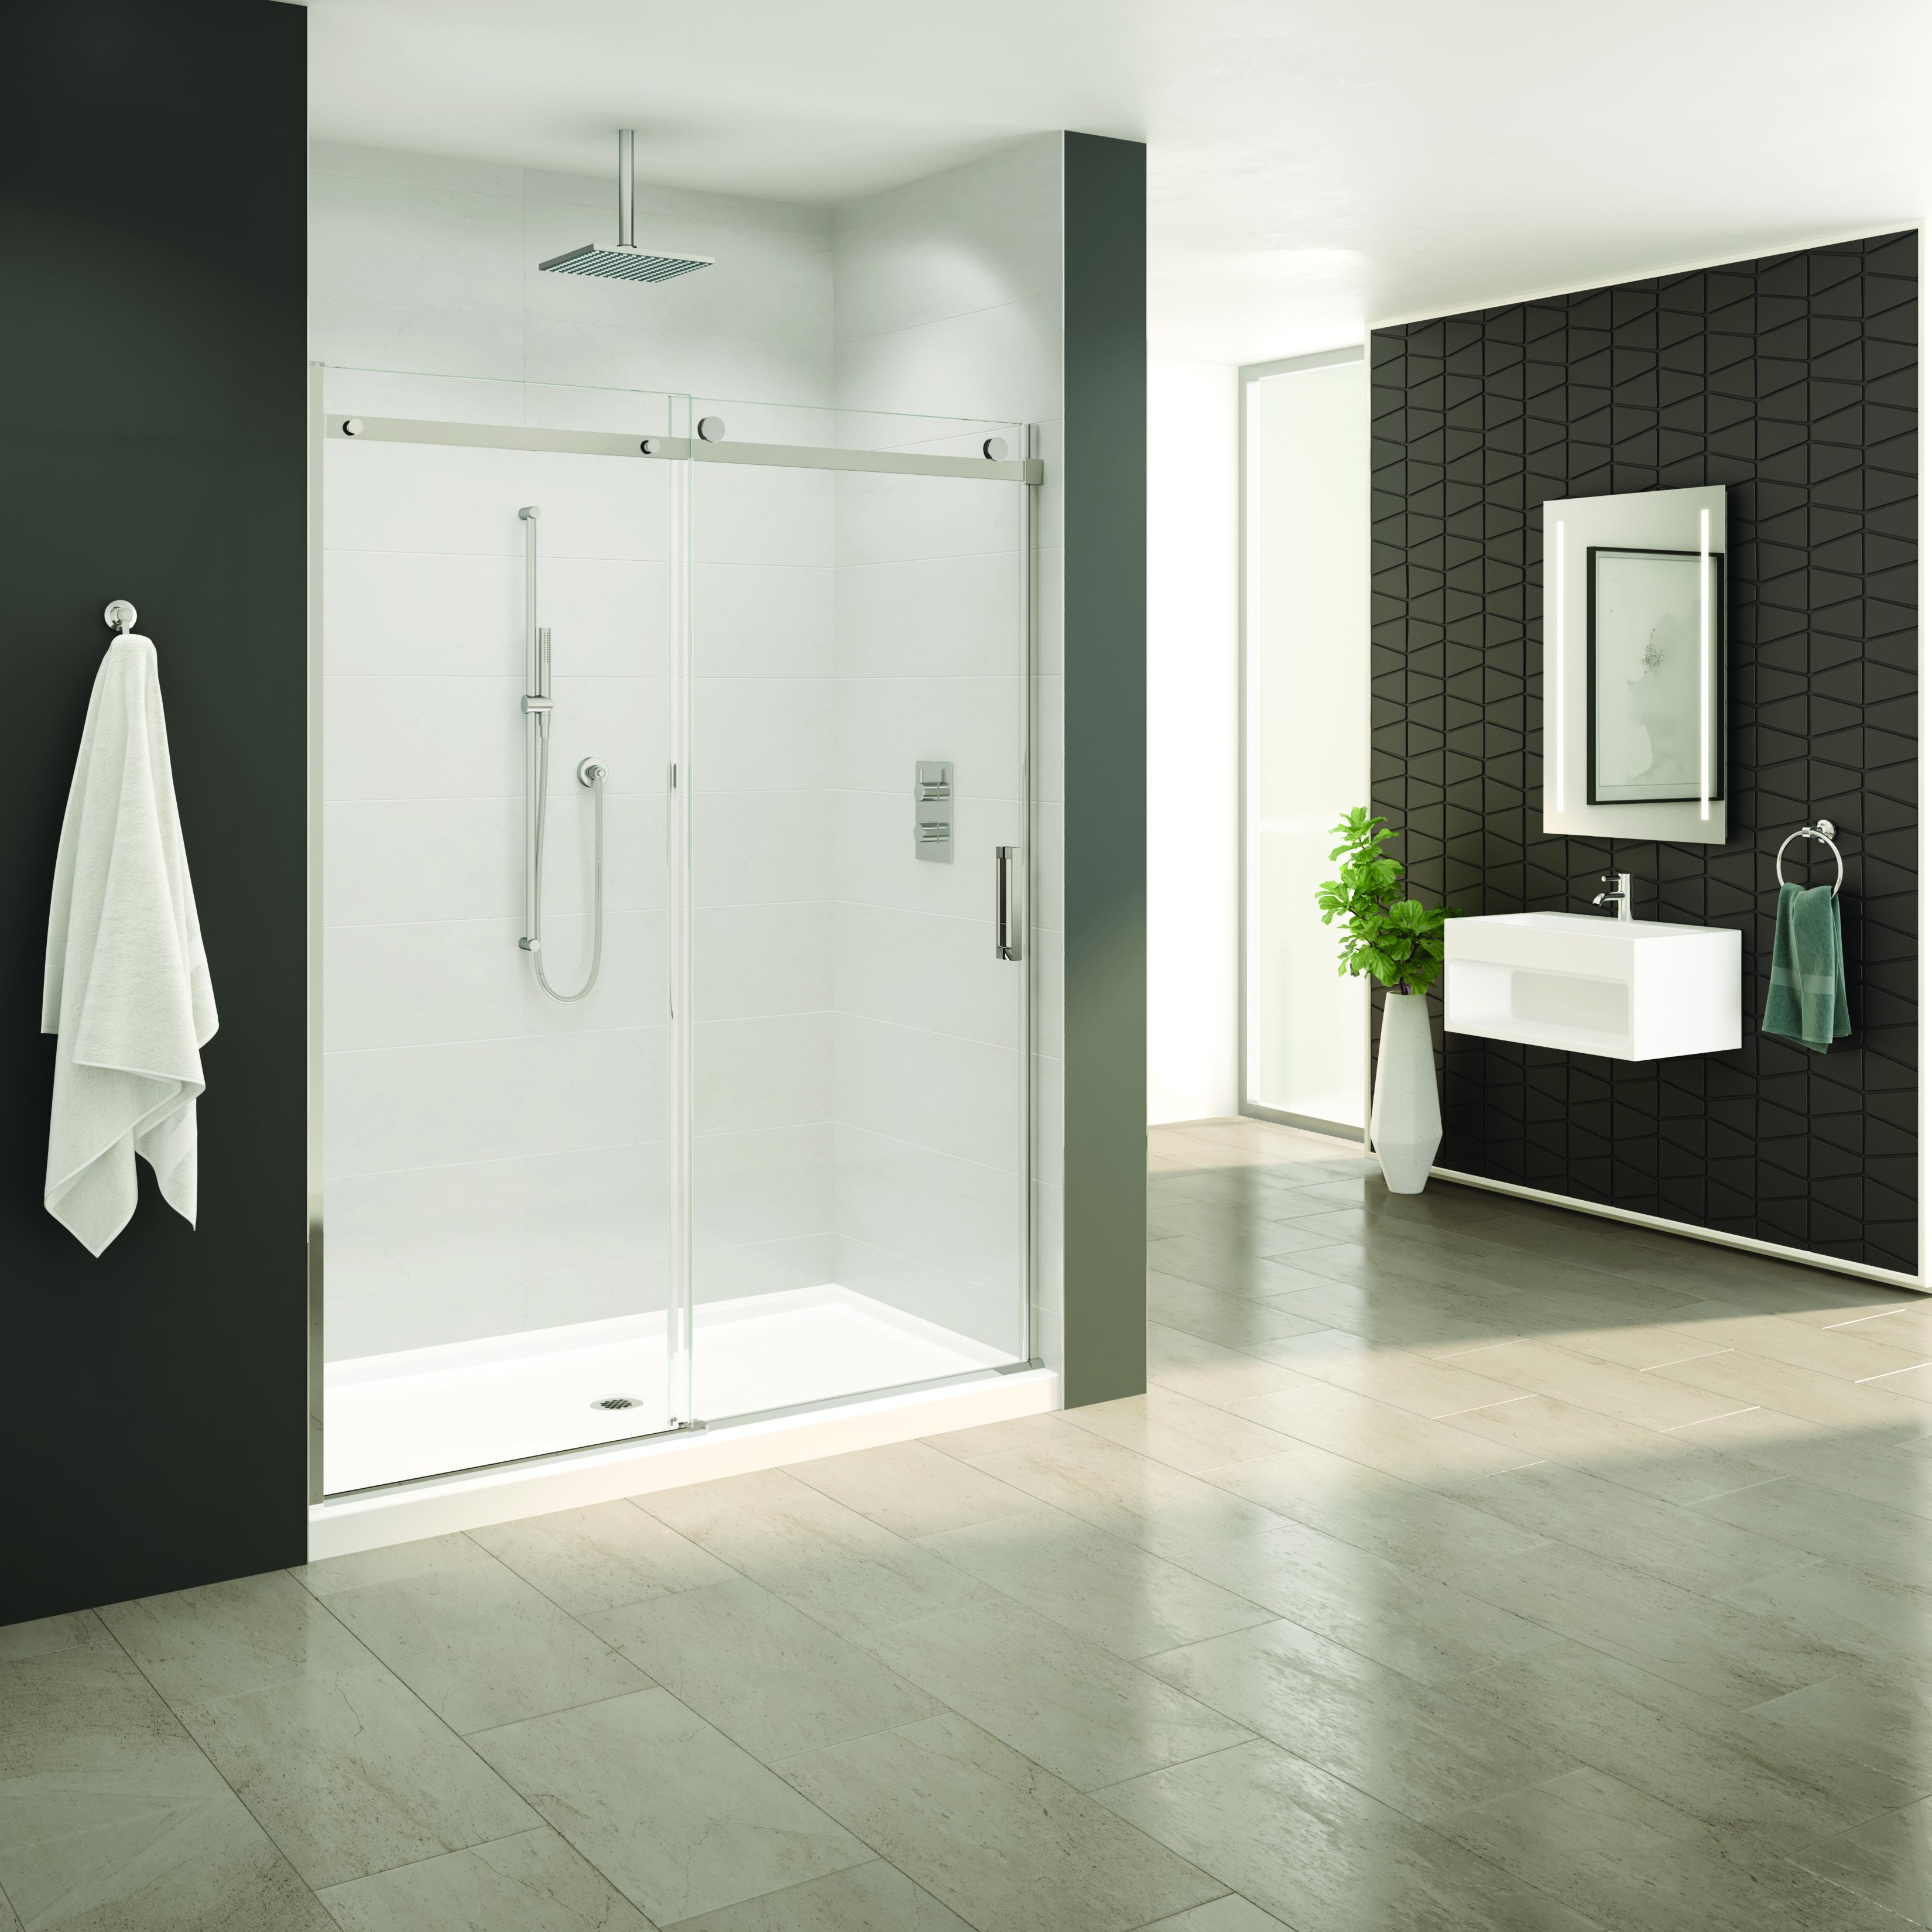 Fleurco Horizon In Line Sliding Shower Door